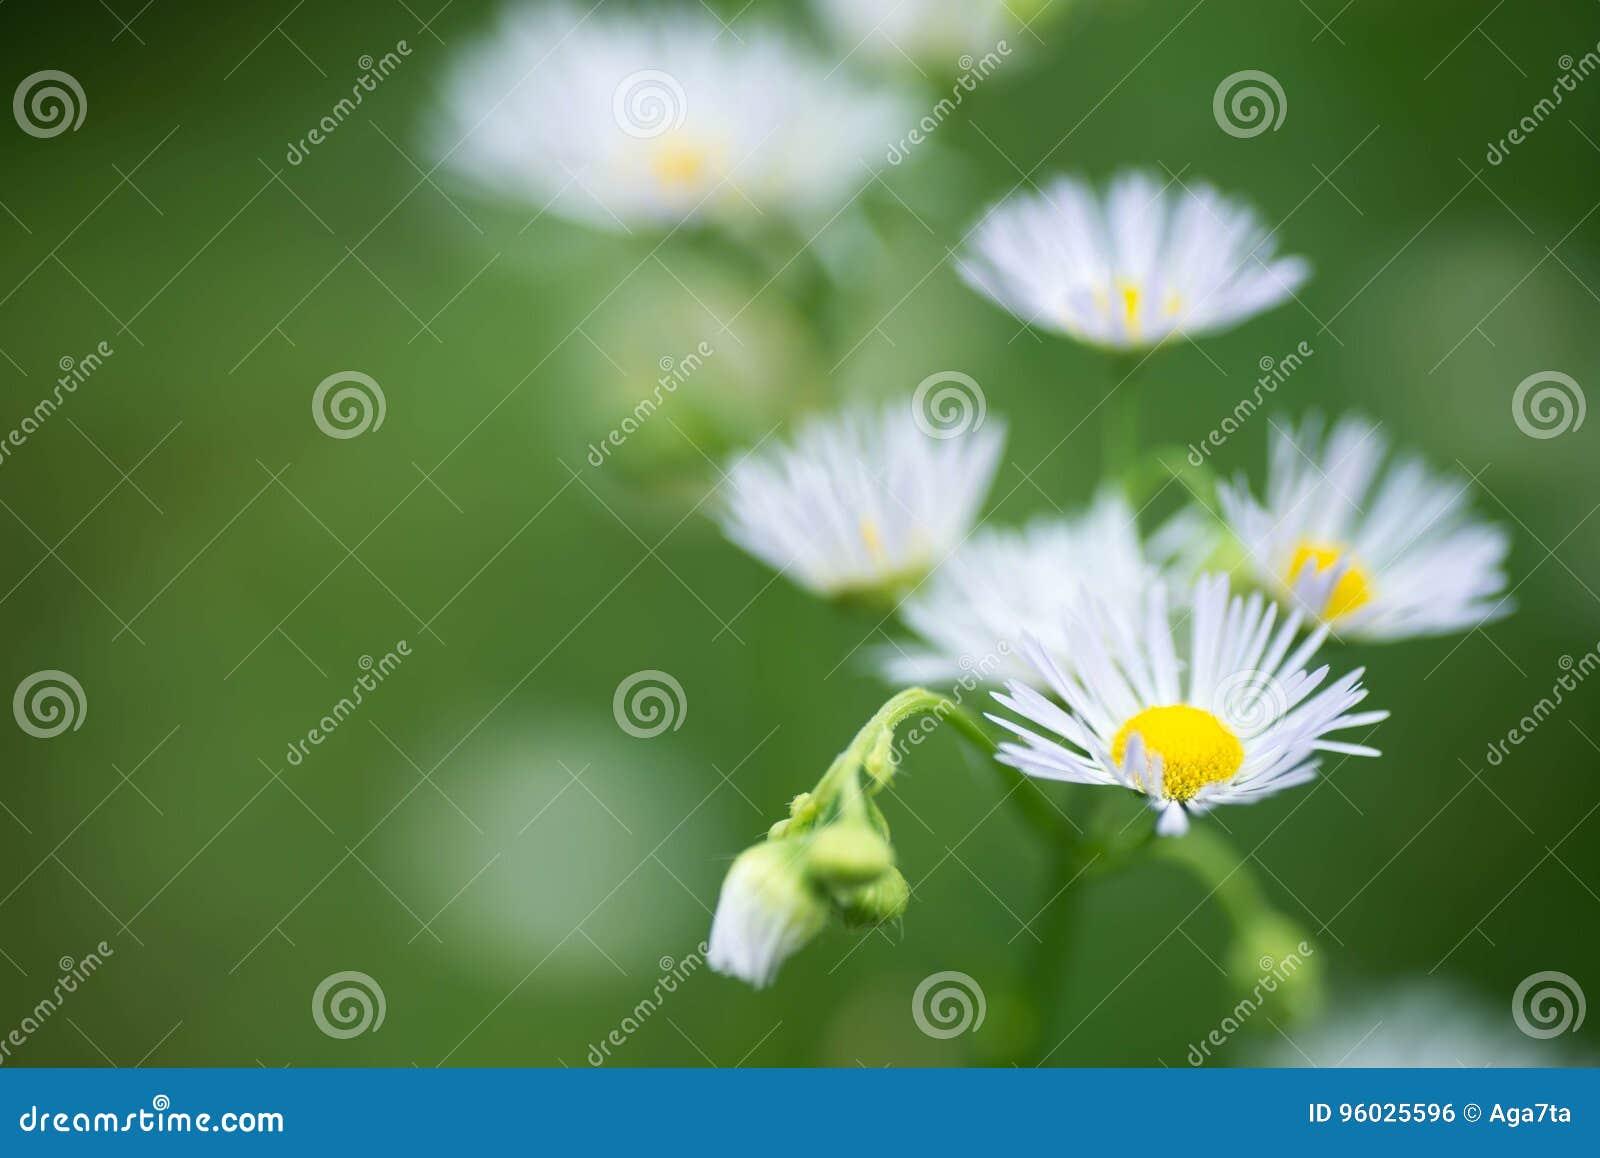 Biała łąka kwitnie selekcyjną ostrość makro-